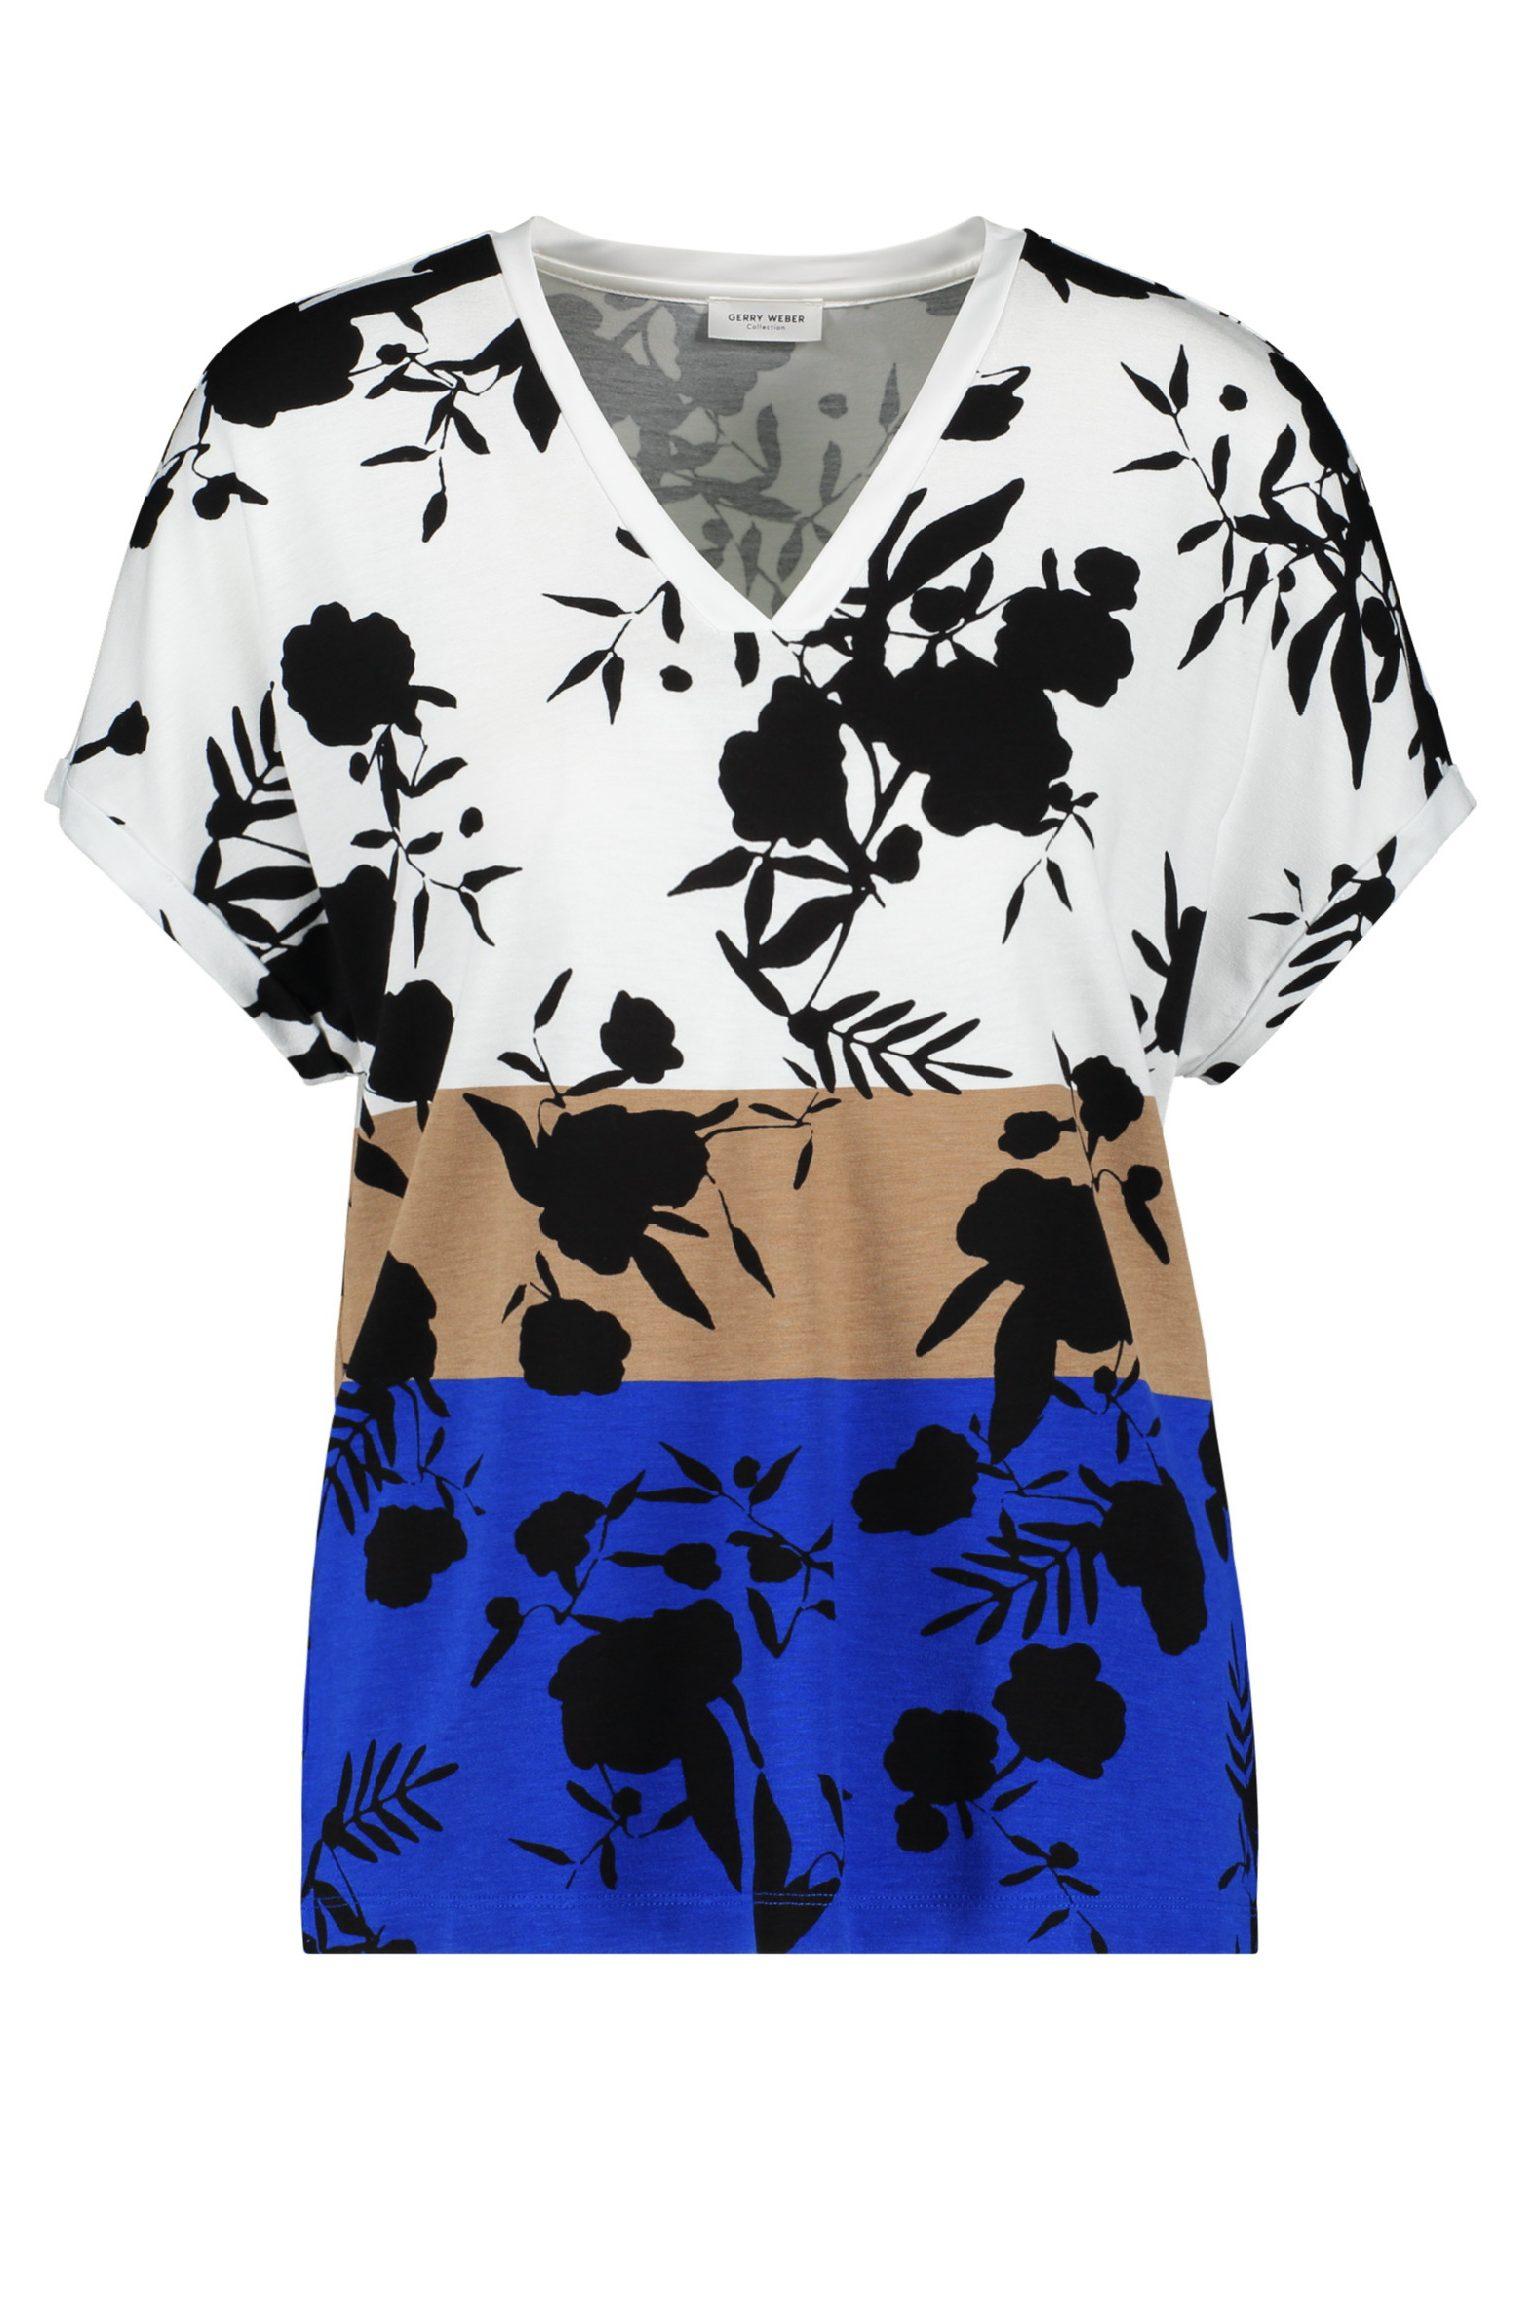 GERRY WEBER – T-shirts i 3 farvet og print